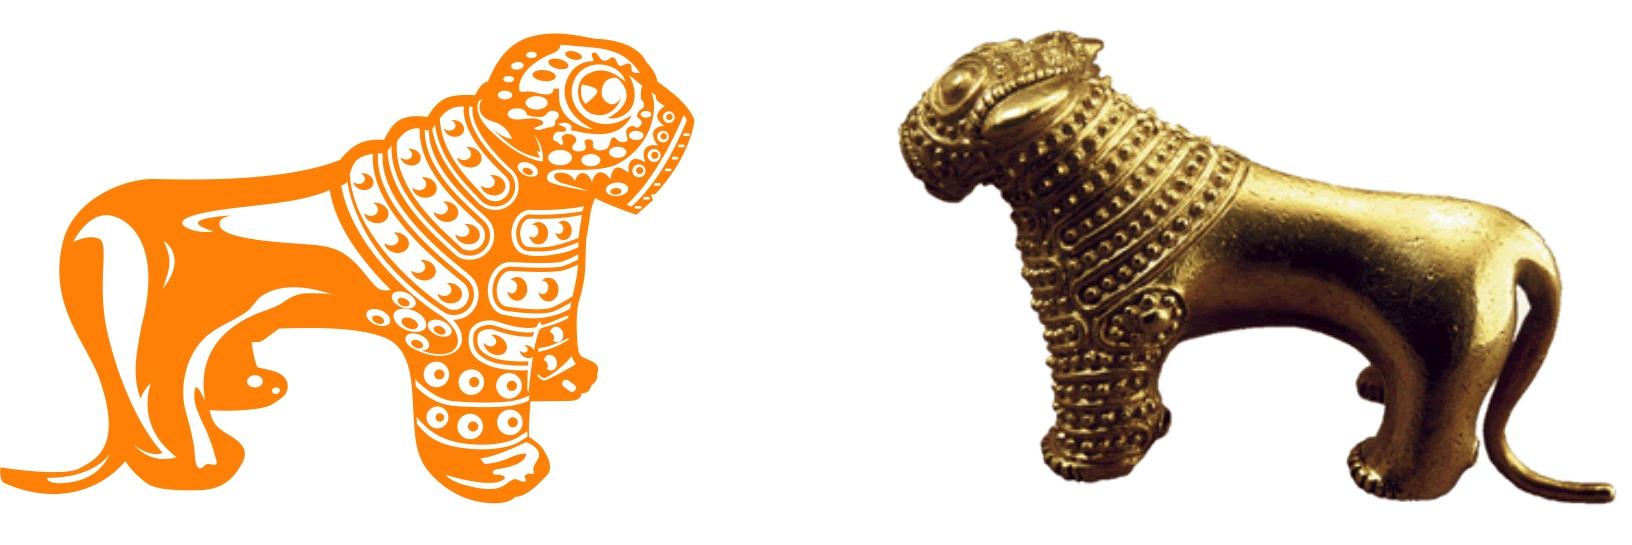 Рис. 6. Лев, размещенный на логотипе ОАО «БНБ-Банк», (слева) и фигурка льва, найденная в Кахетии, (справа)